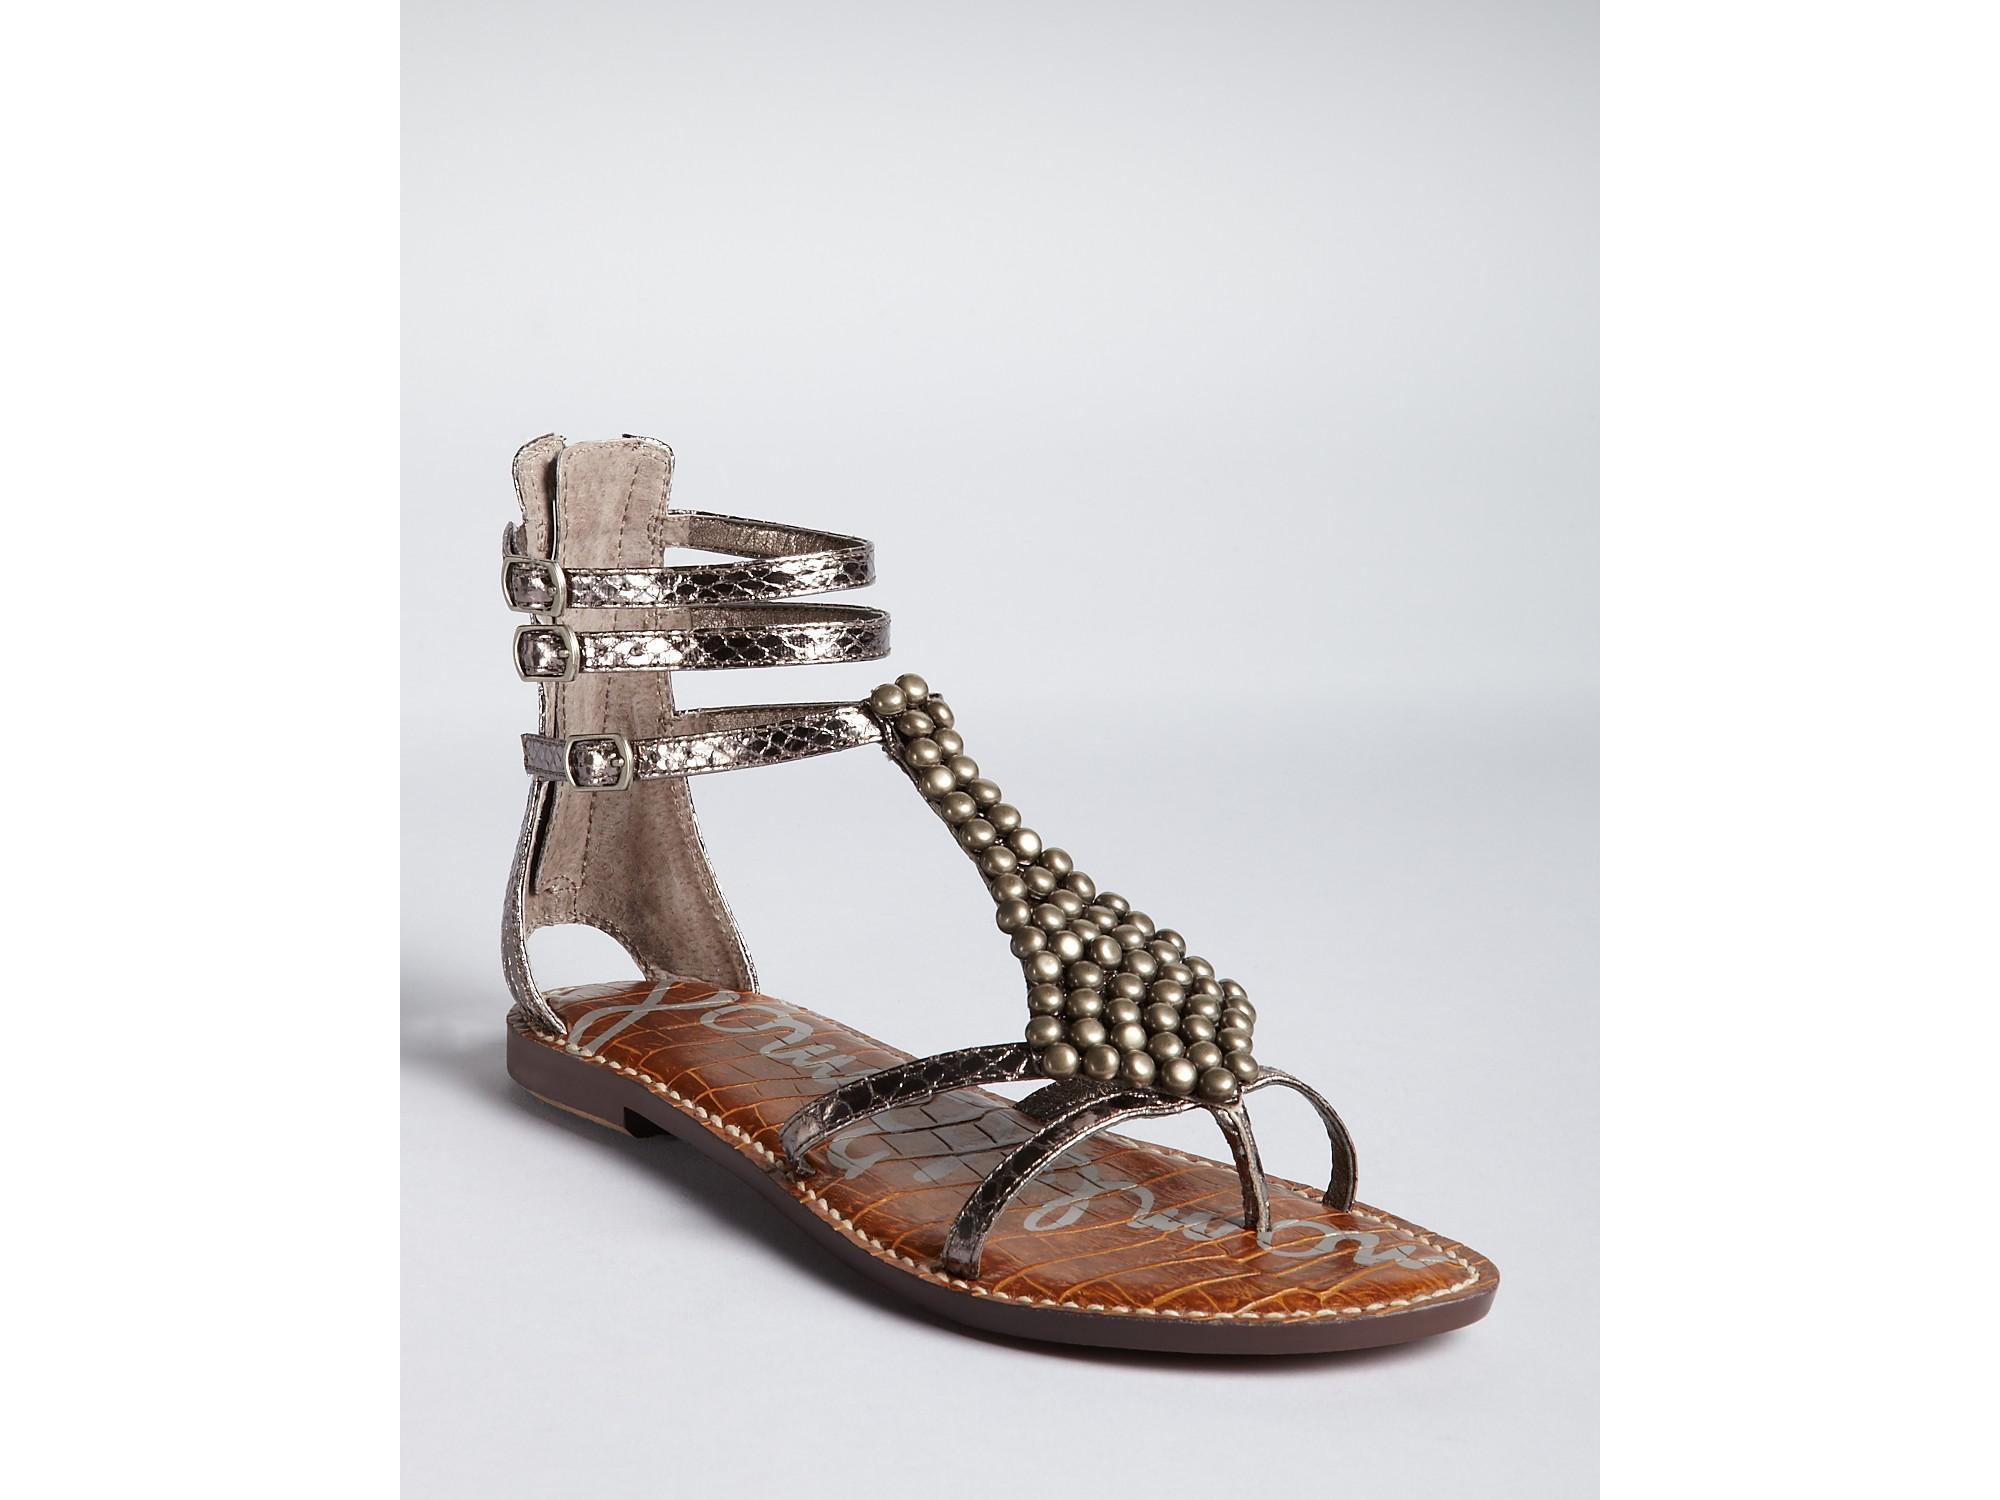 bac3ddb35 Lyst - Sam Edelman Sandals Ginger in Metallic